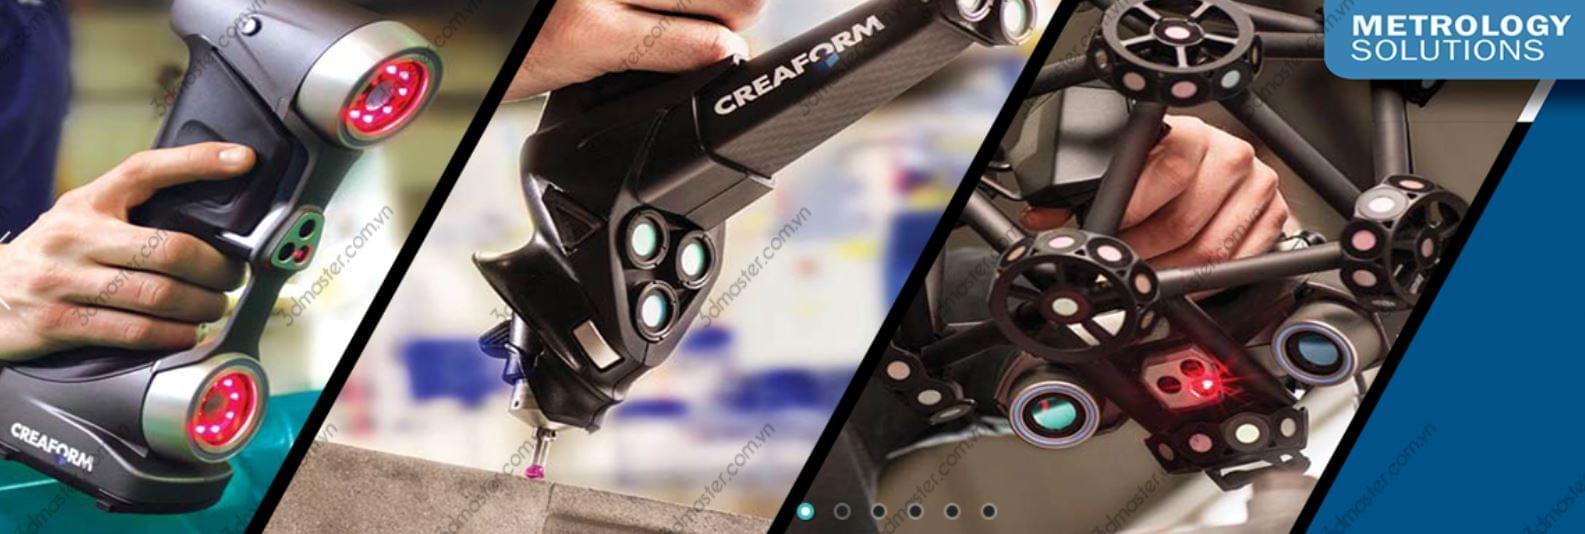 3d scanner handle